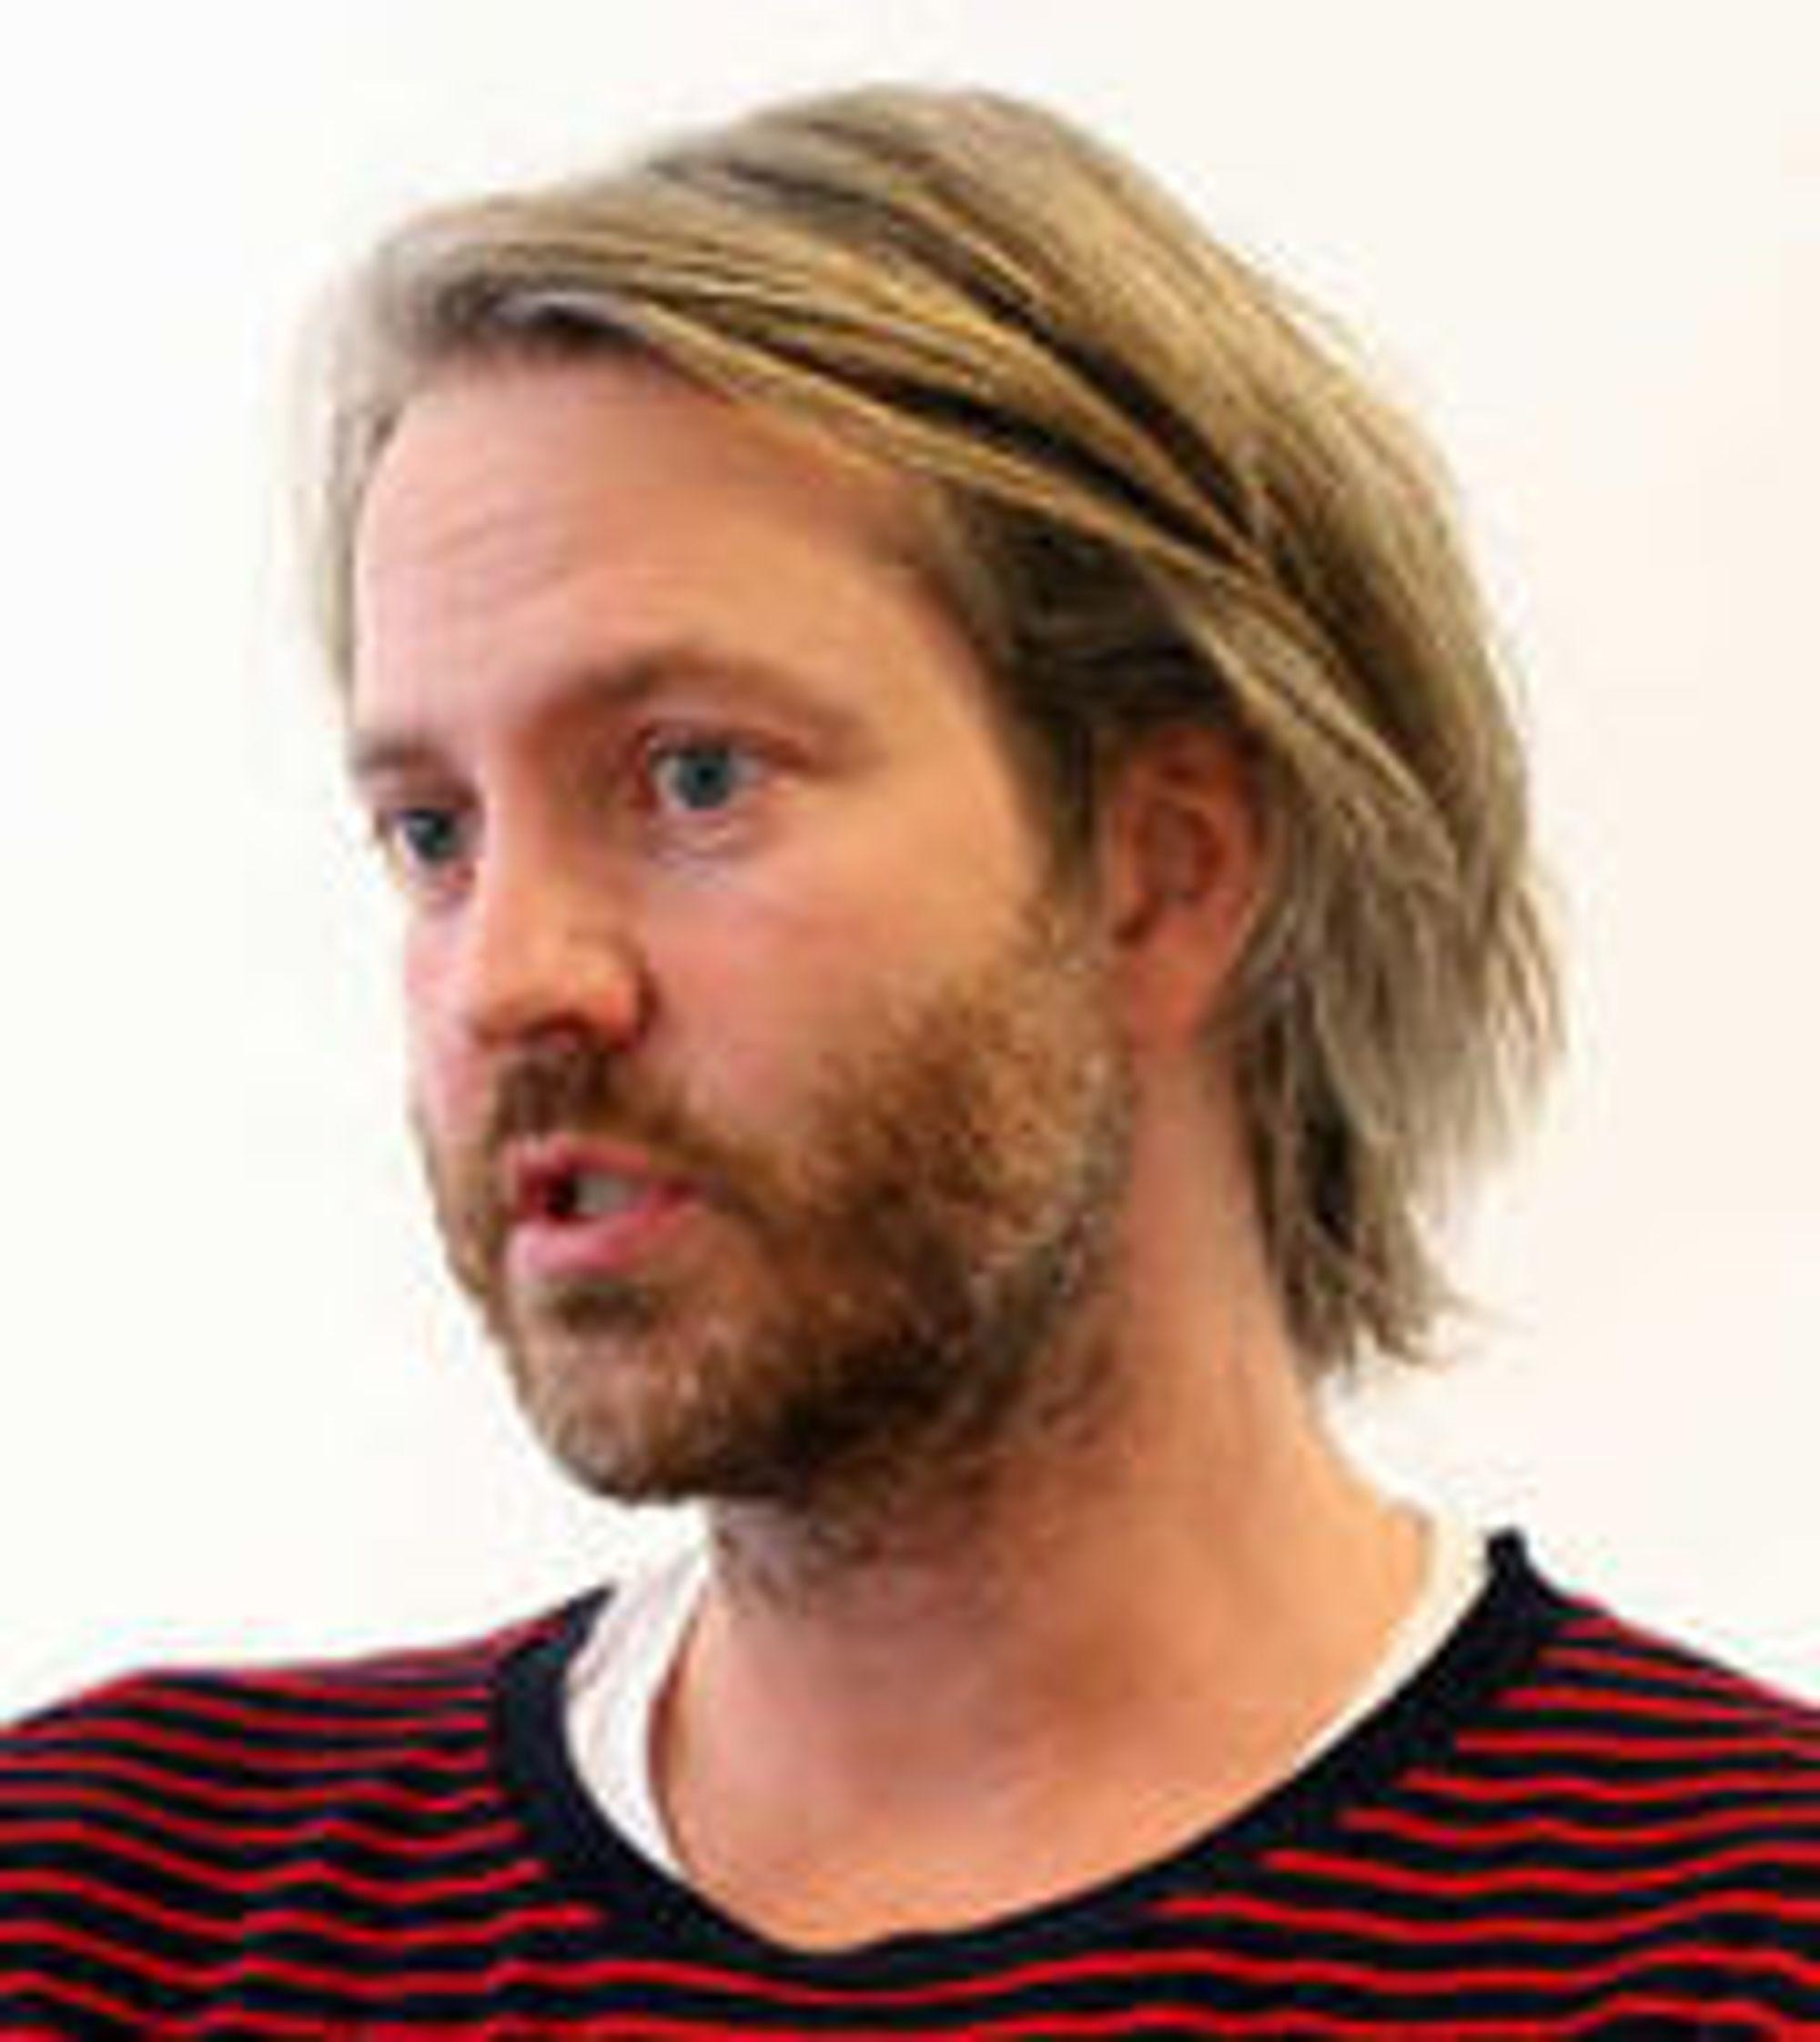 Google Analytics kan være i overensstemmelse med loven etter endringer som er gjort, mener Datatilsynets jurist Jørgen Skorstad.